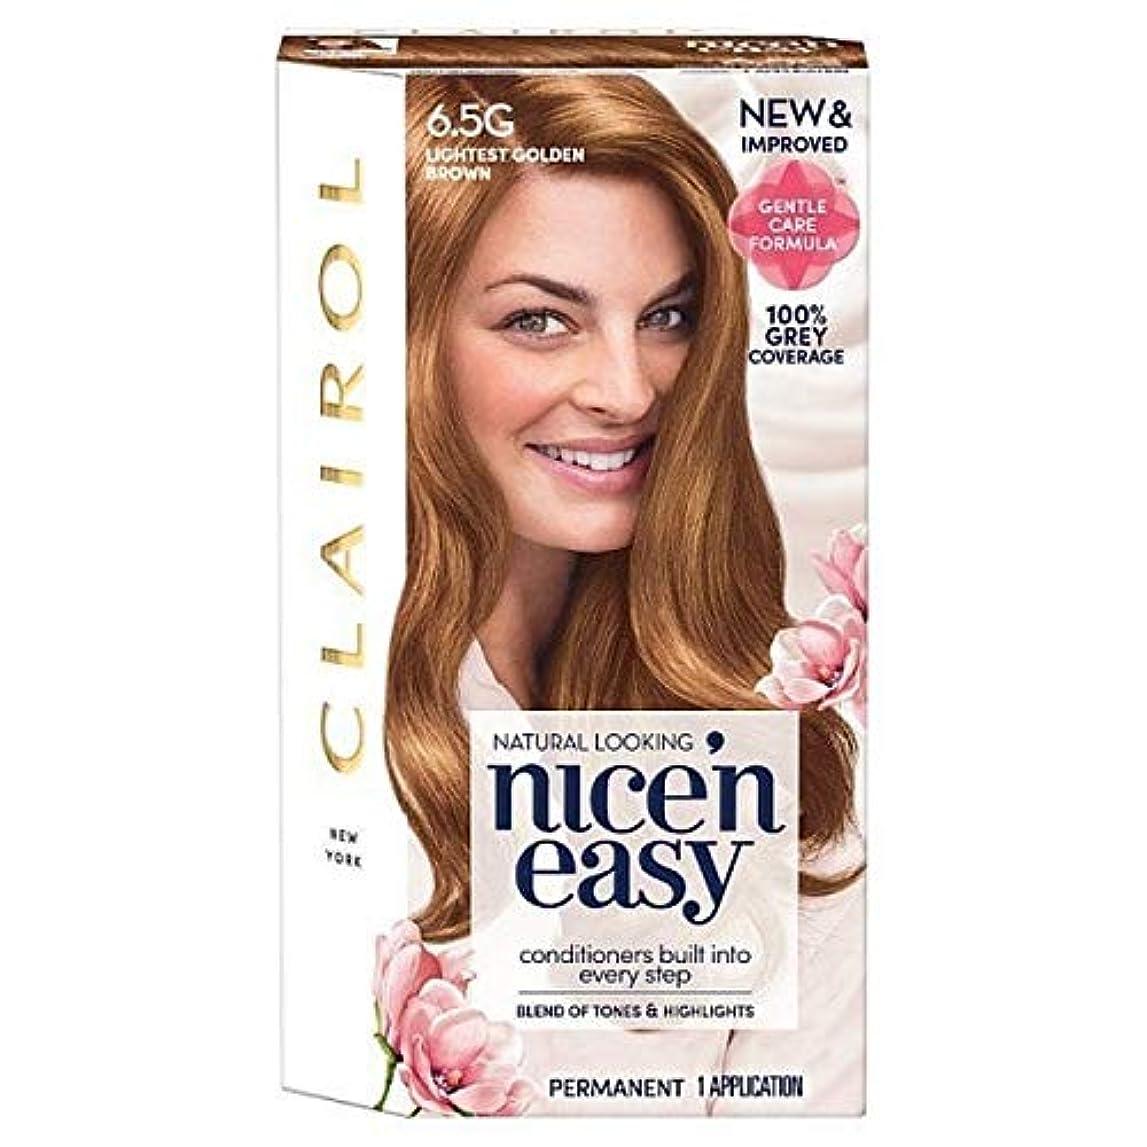 衝突するおとうさん今後[Nice'n Easy] Nice'N簡単に6.5グラム軽いゴールデンブラウン - Nice'n Easy 6.5G Lightest Golden Brown [並行輸入品]